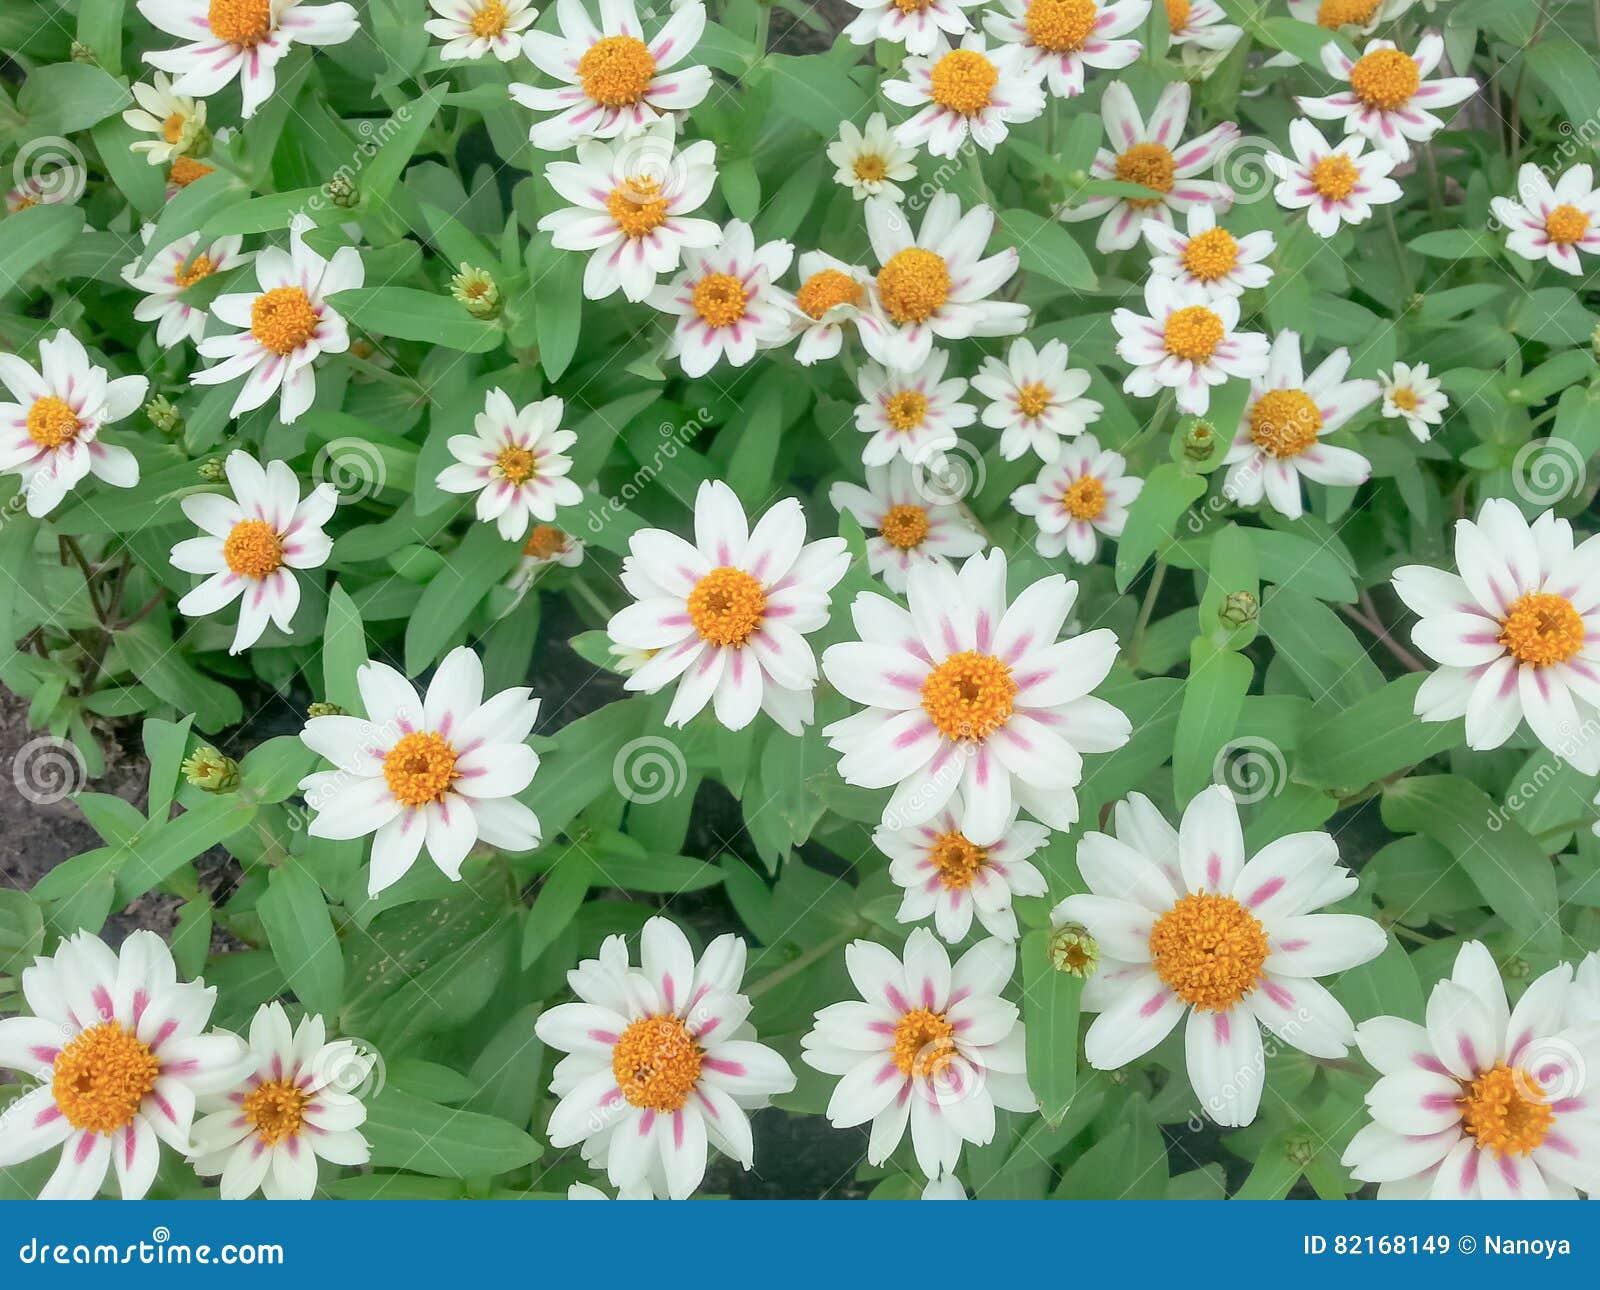 Piccoli fiori bianchi fotografia stock immagine 82168149 for Fiori piccoli bianchi